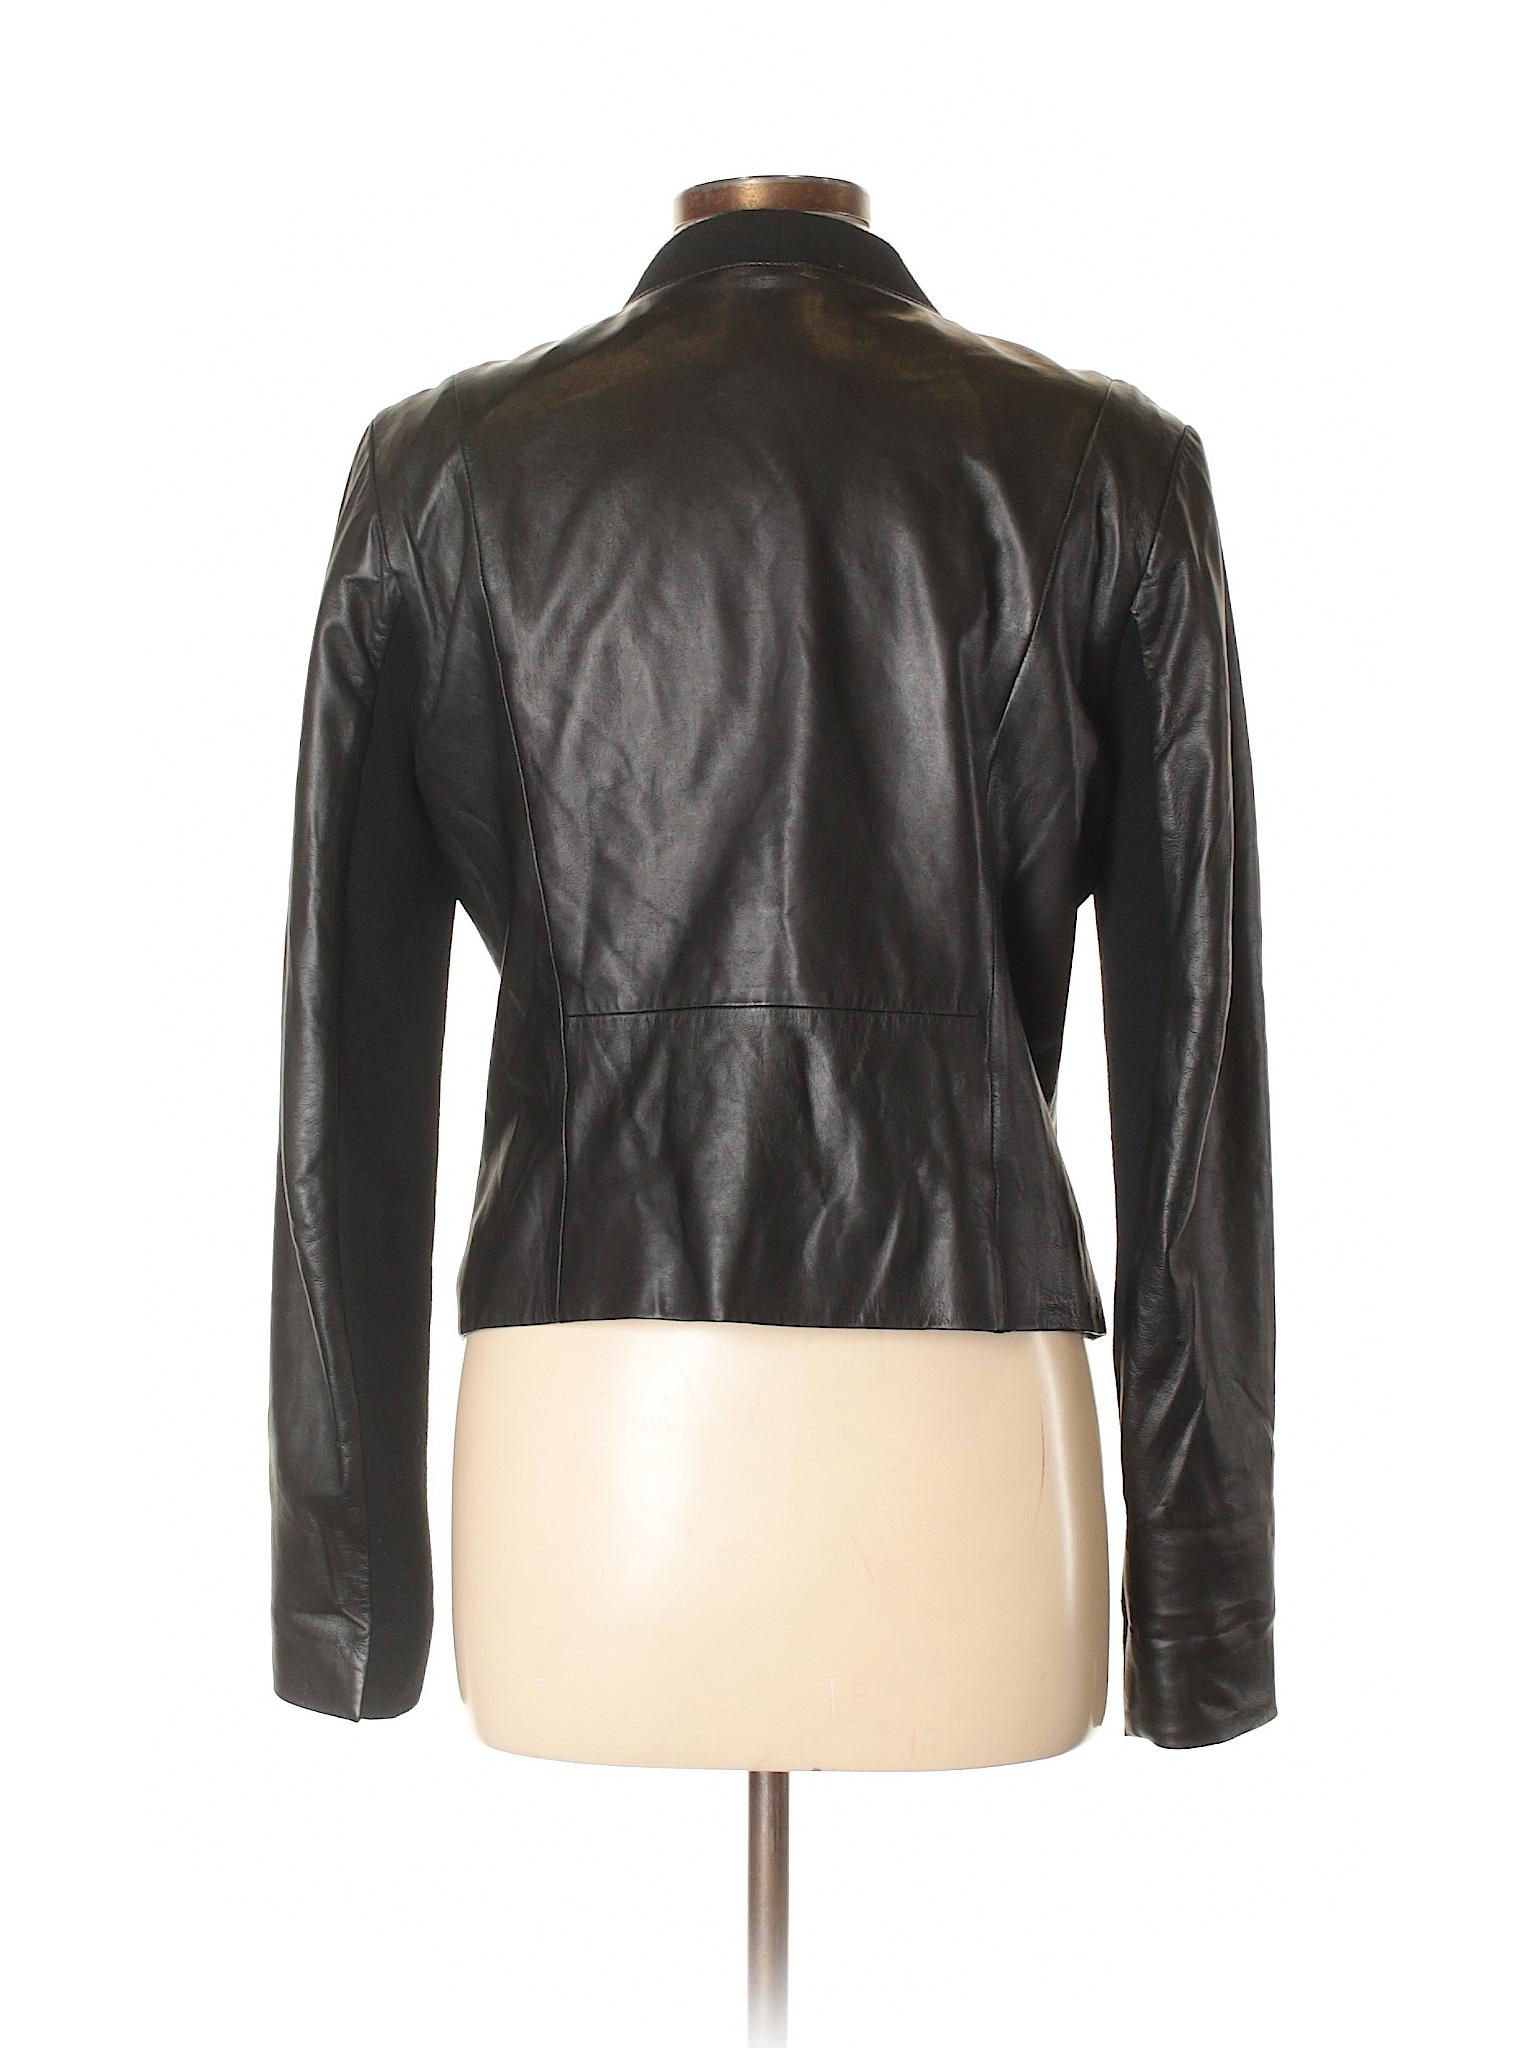 Jacket leisure Boutique Leather Trouve leisure Boutique 8xvnqPXFOO